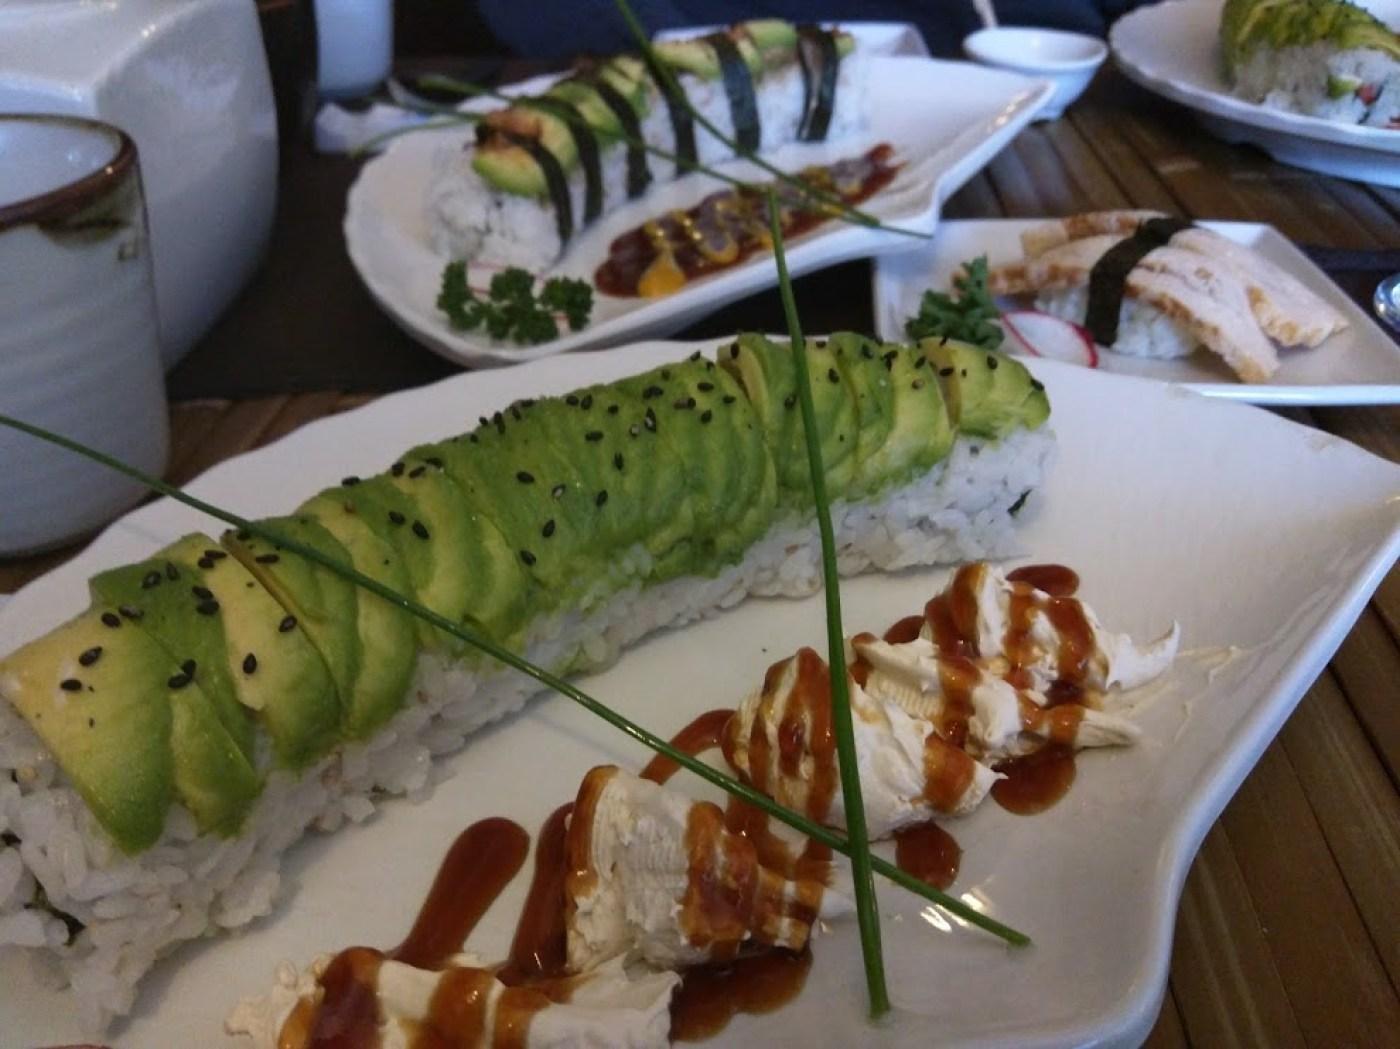 Faccio come mi pare blog, dove mangiare ad aberdeen, mangiare ad aberdeen, locali ad aberdeen, mangiare bene aberdeen, Yorokobi Aberdeen)